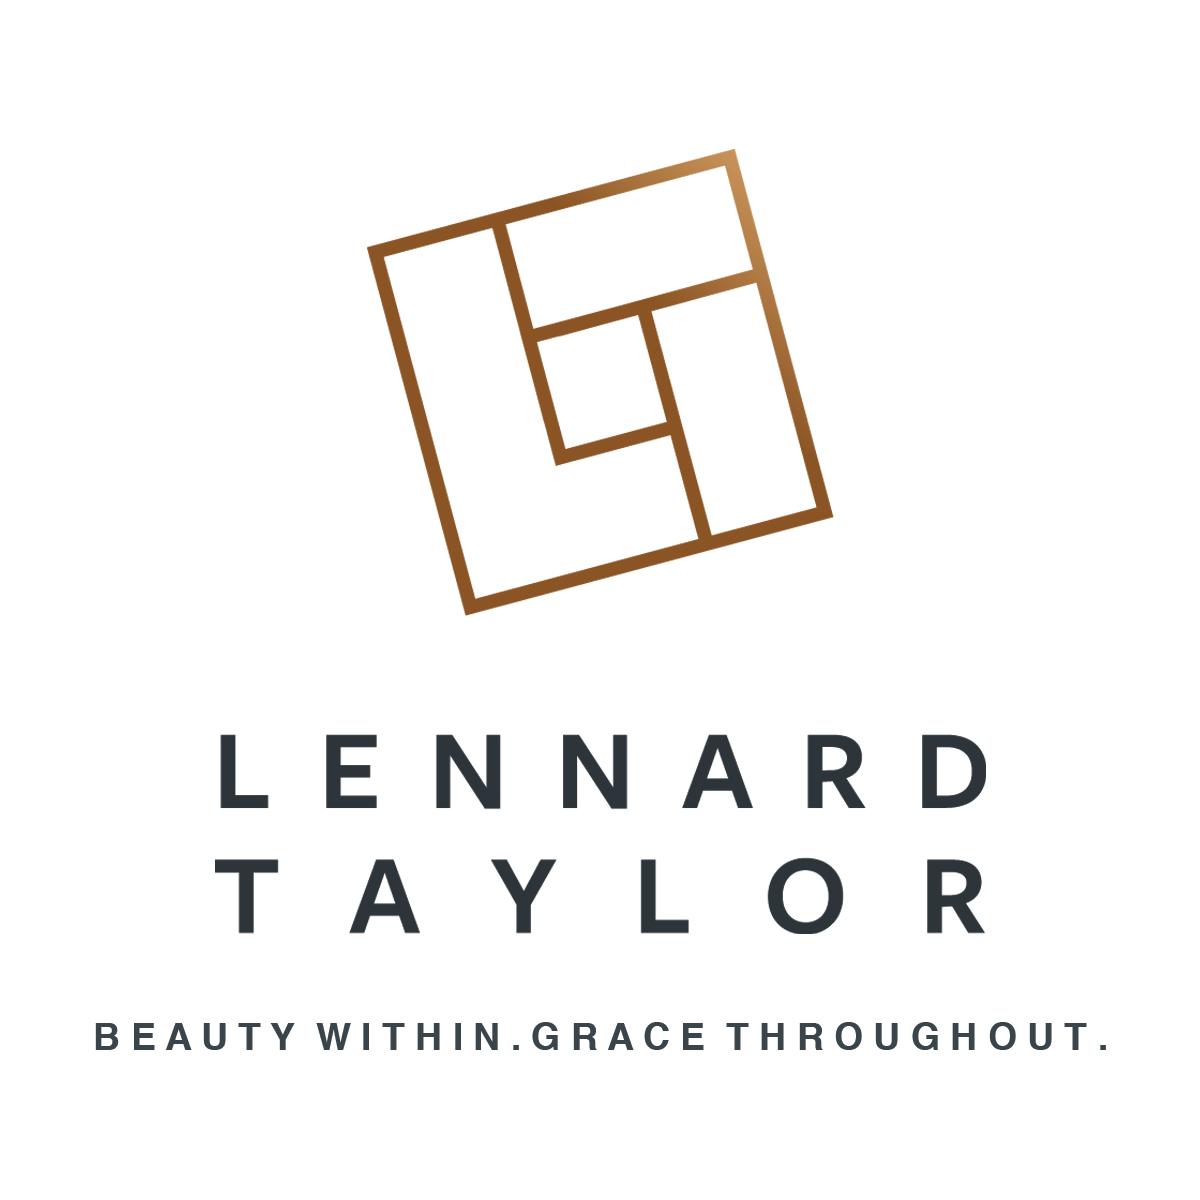 Lennard Taylor Design Studio